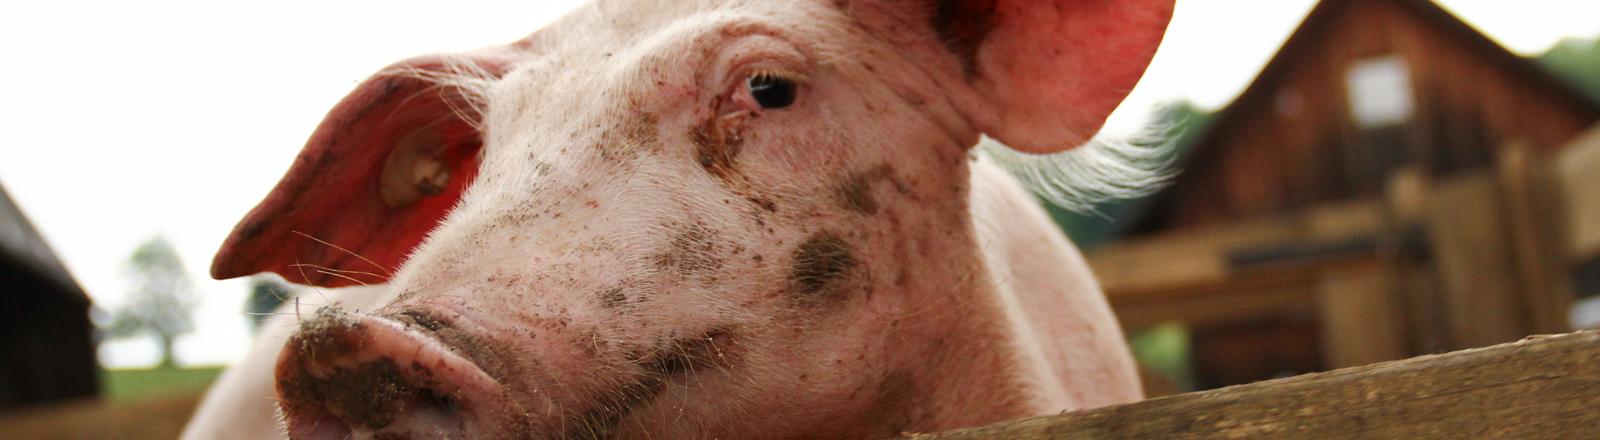 Ein Schwein hinter einem Holzgatter.